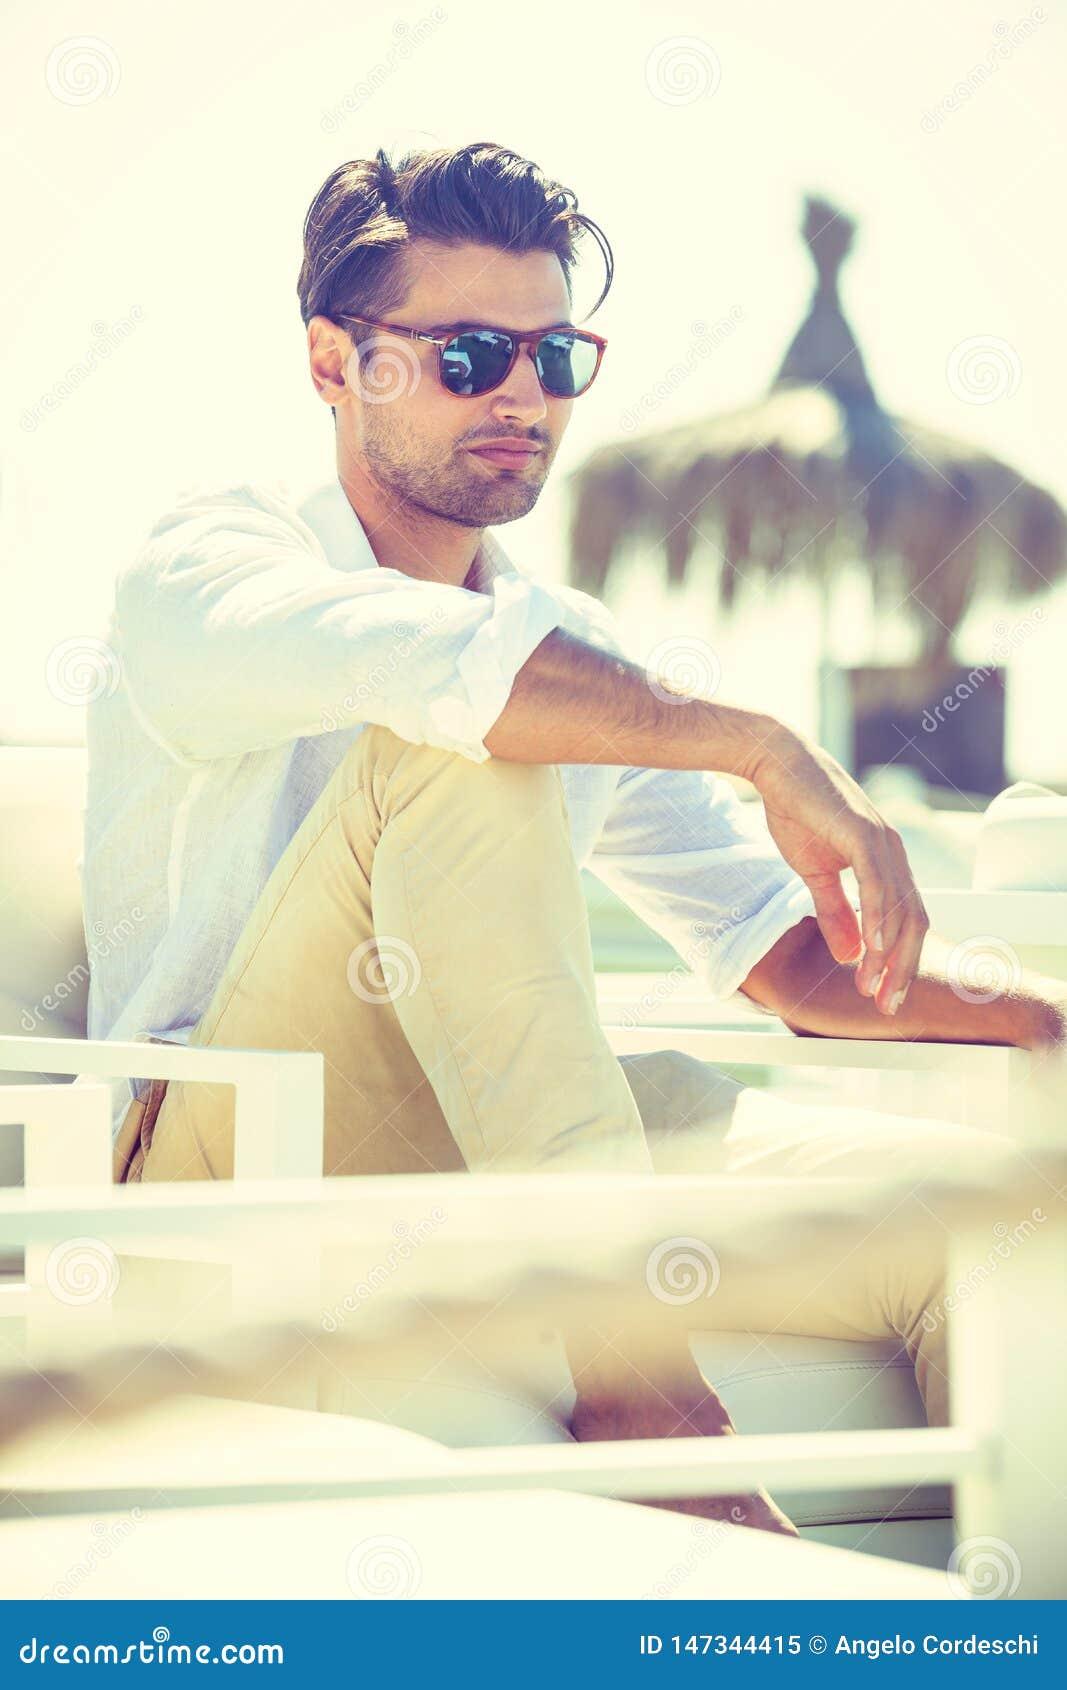 Γοητευτικό και ελκυστικό άτομο με τα γυαλιά ηλίου που κάθονται και που χαλαρώνουν σε μια καρέκλα στον ήλιο